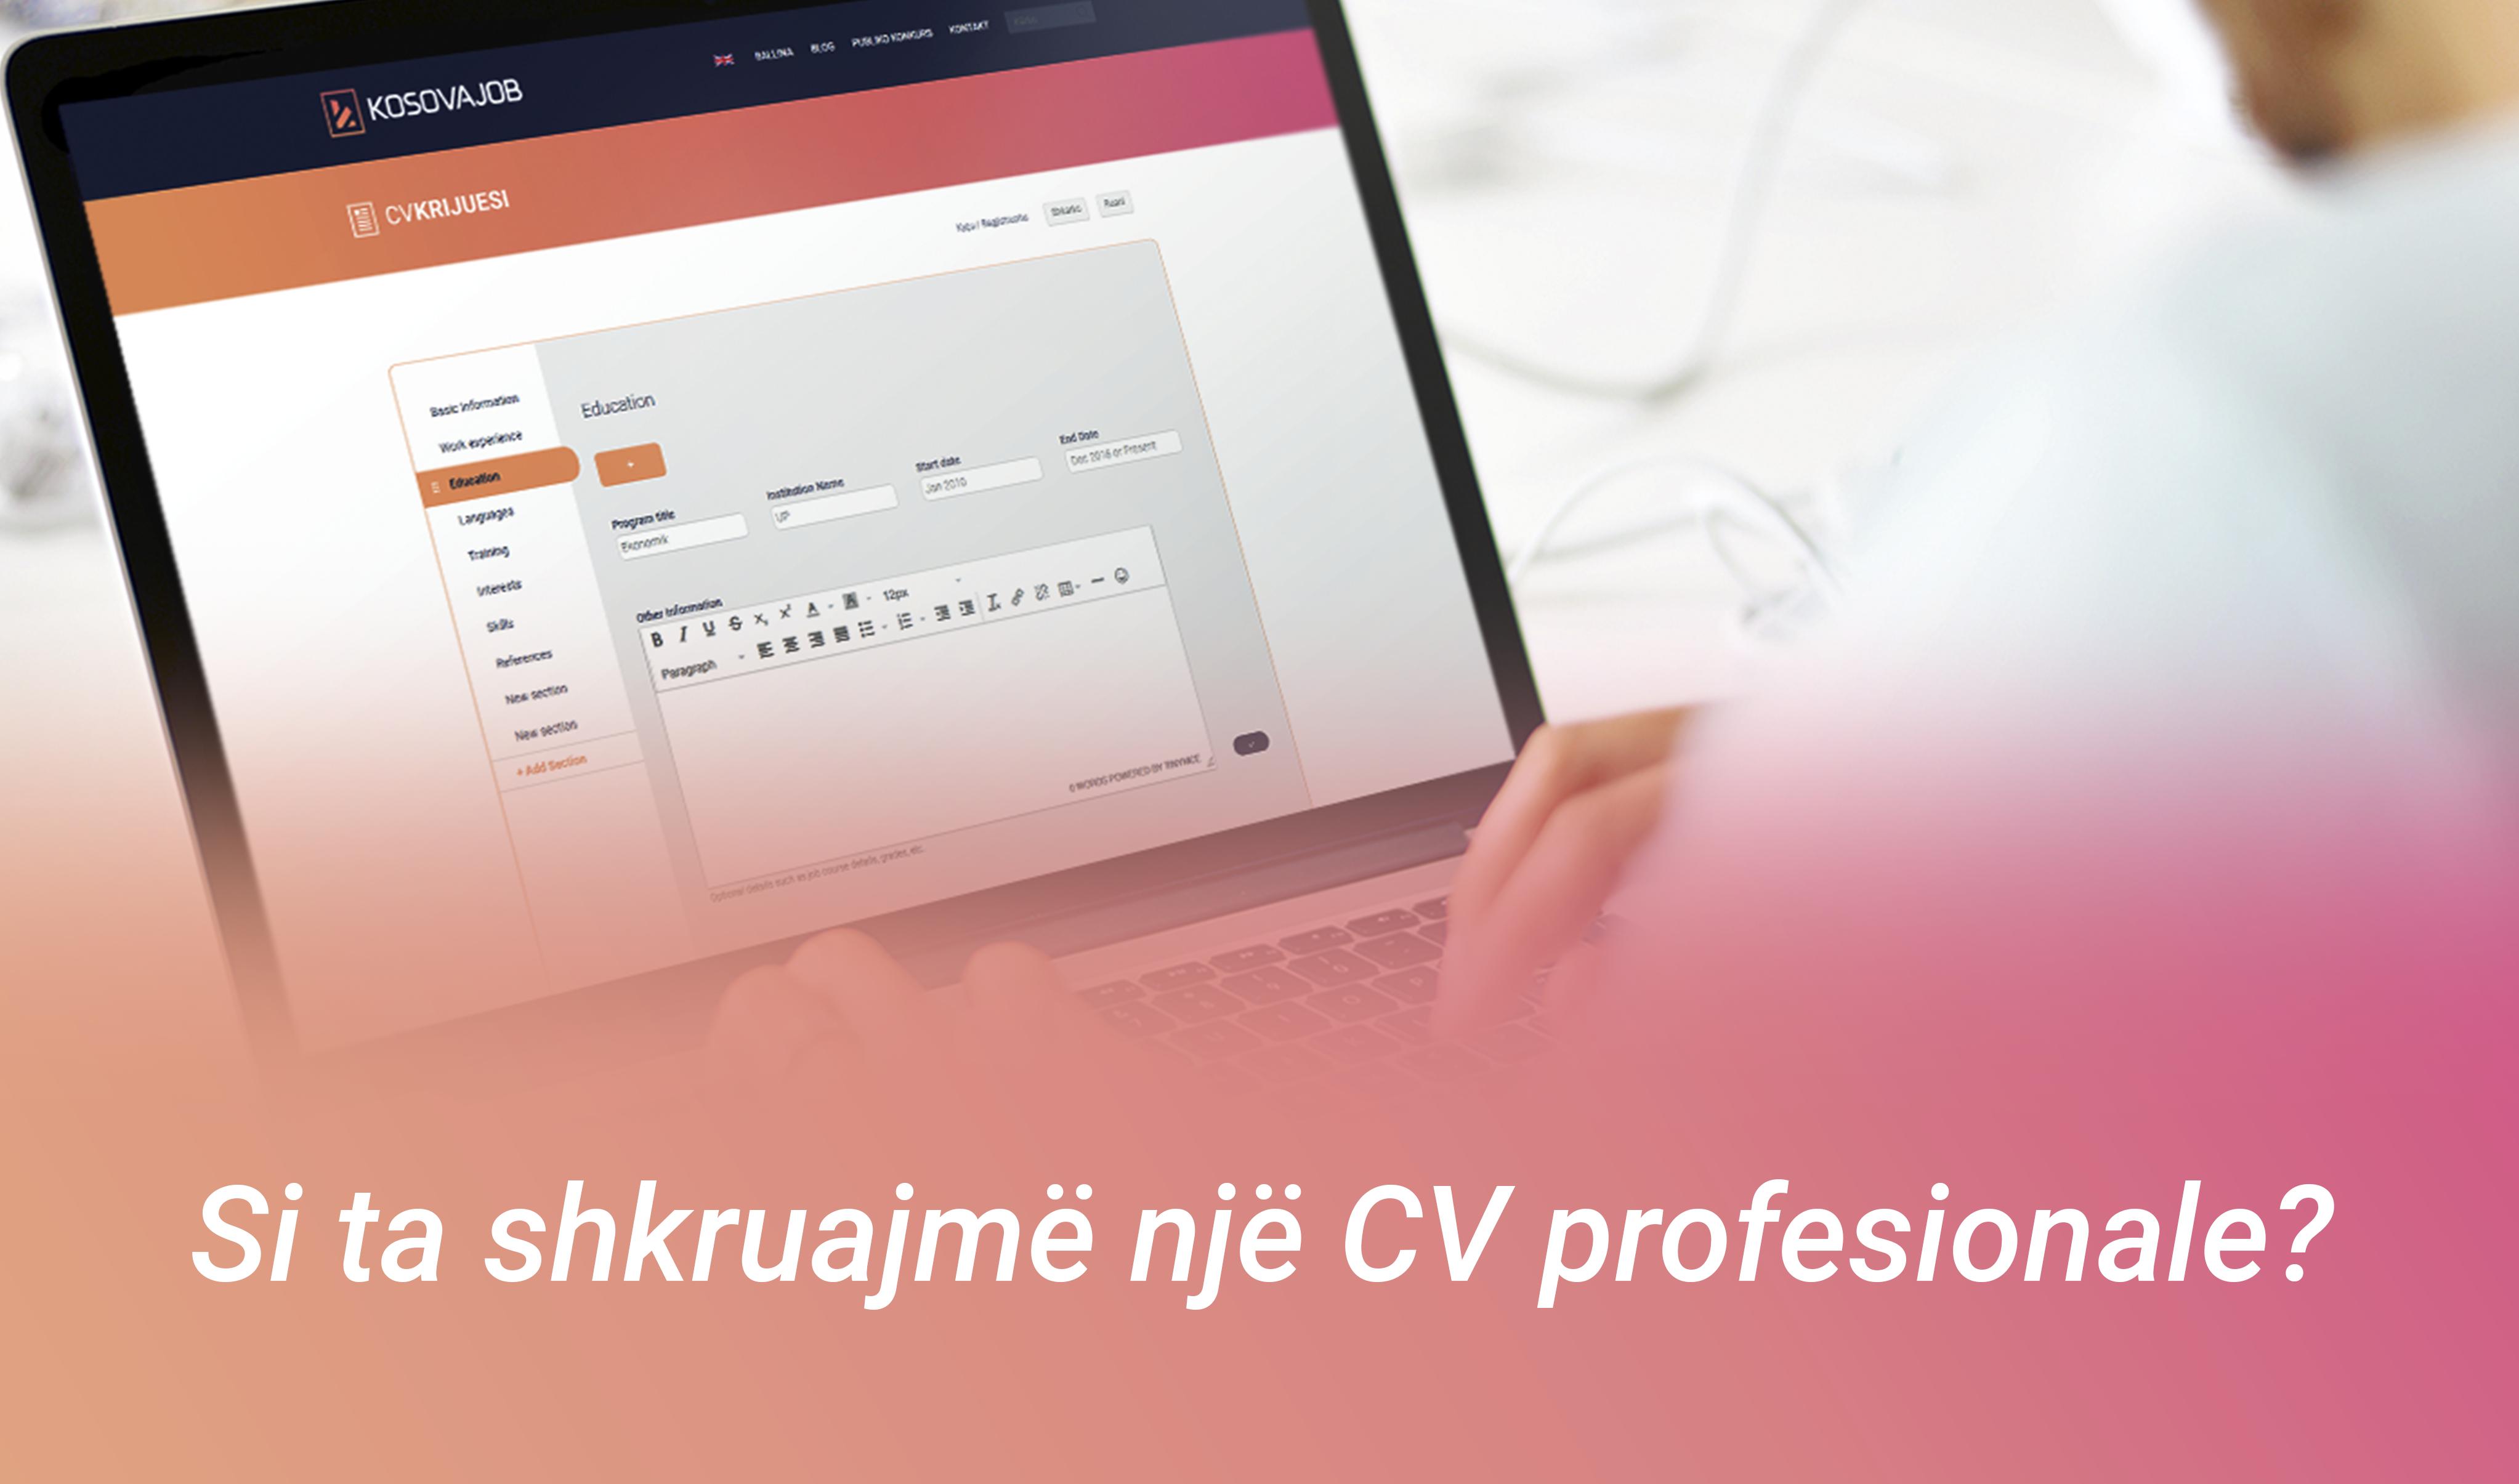 Si ta shkruajmë një CV profesionale?